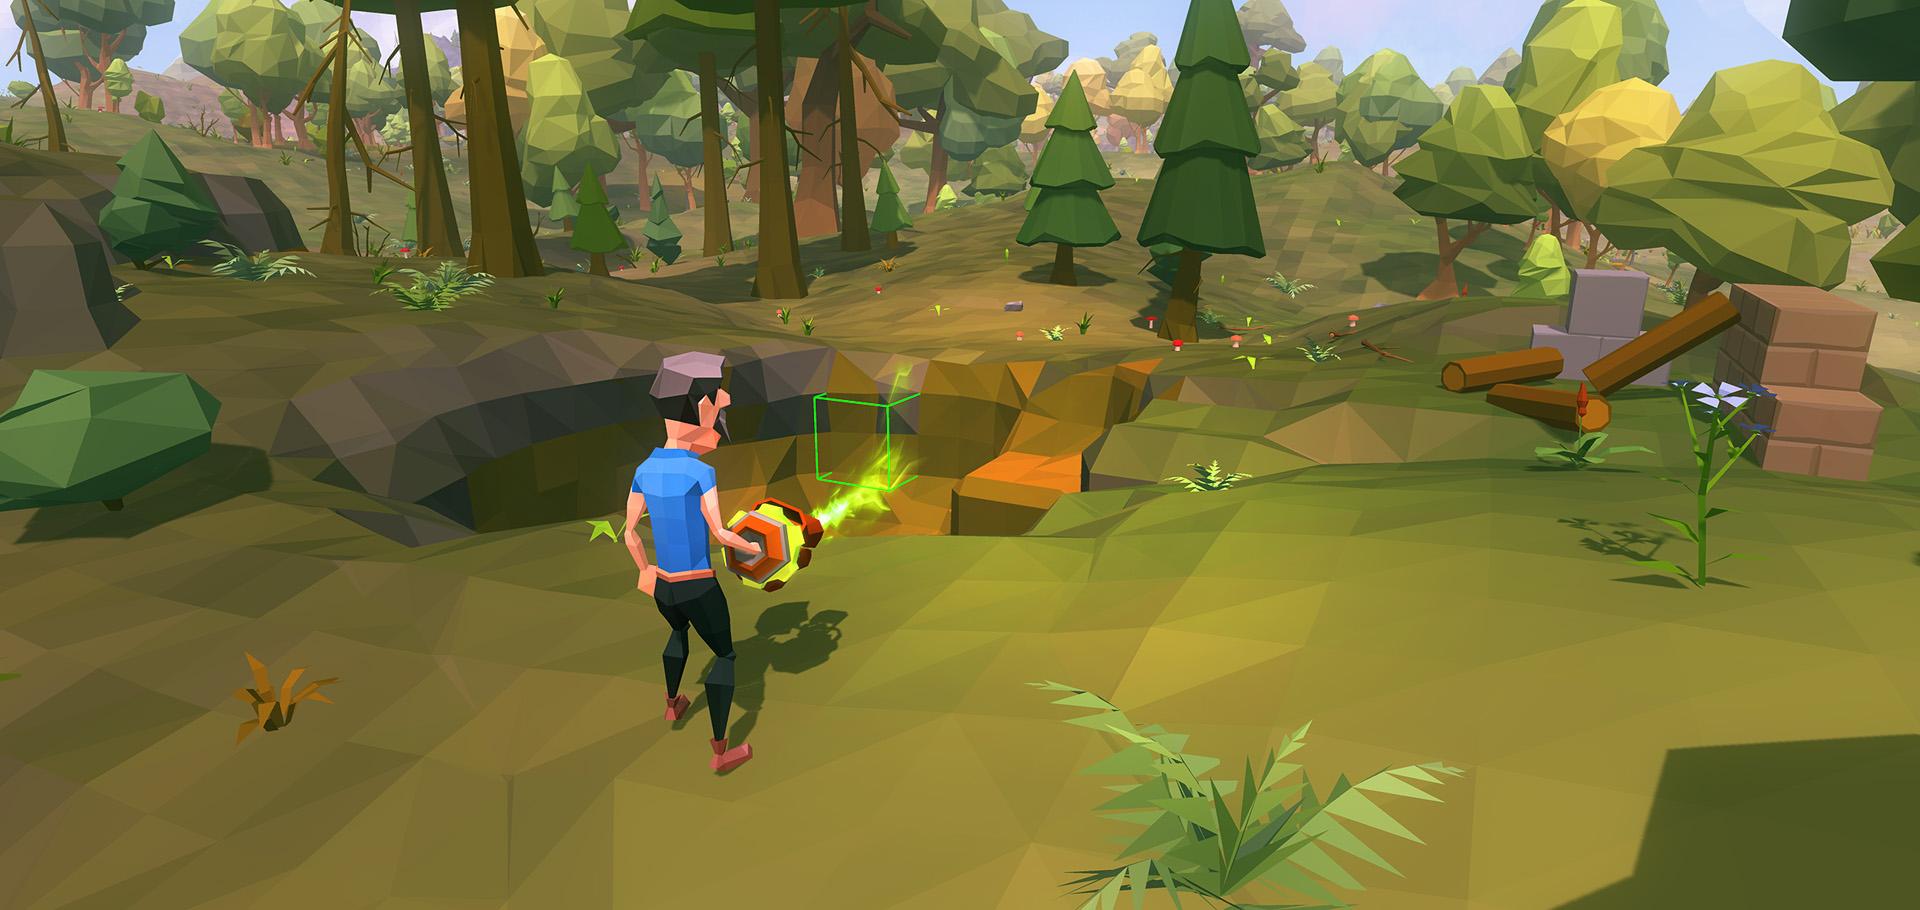 Bohemia Interactive oznamuje novou hru Ylands 116262